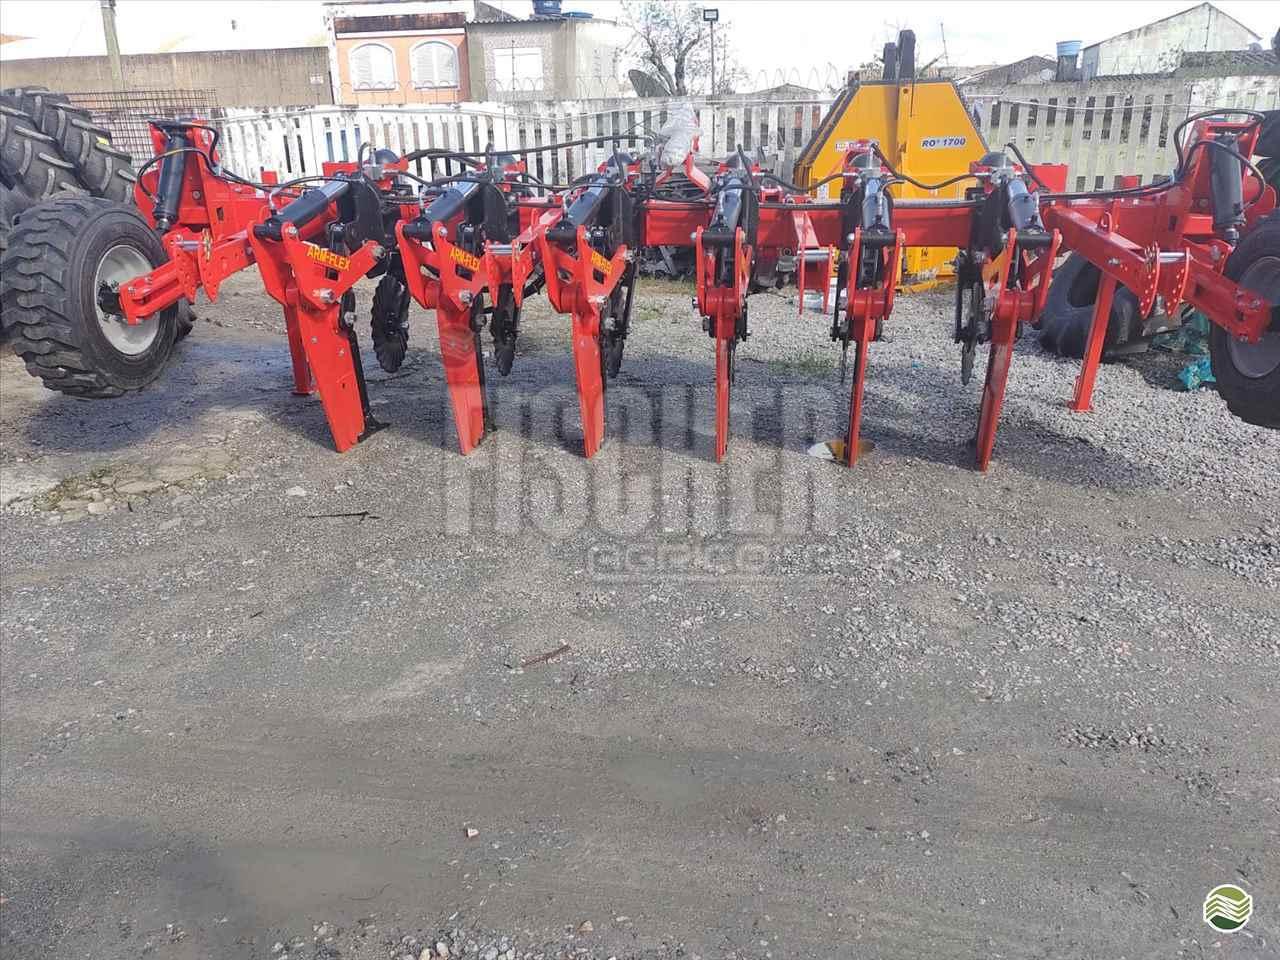 IMPLEMENTOS AGRICOLAS ESCARIFICADOR 5 HASTES DISCO CORTE Fischer Agrícola RIO PARDO RIO GRANDE DO SUL RS